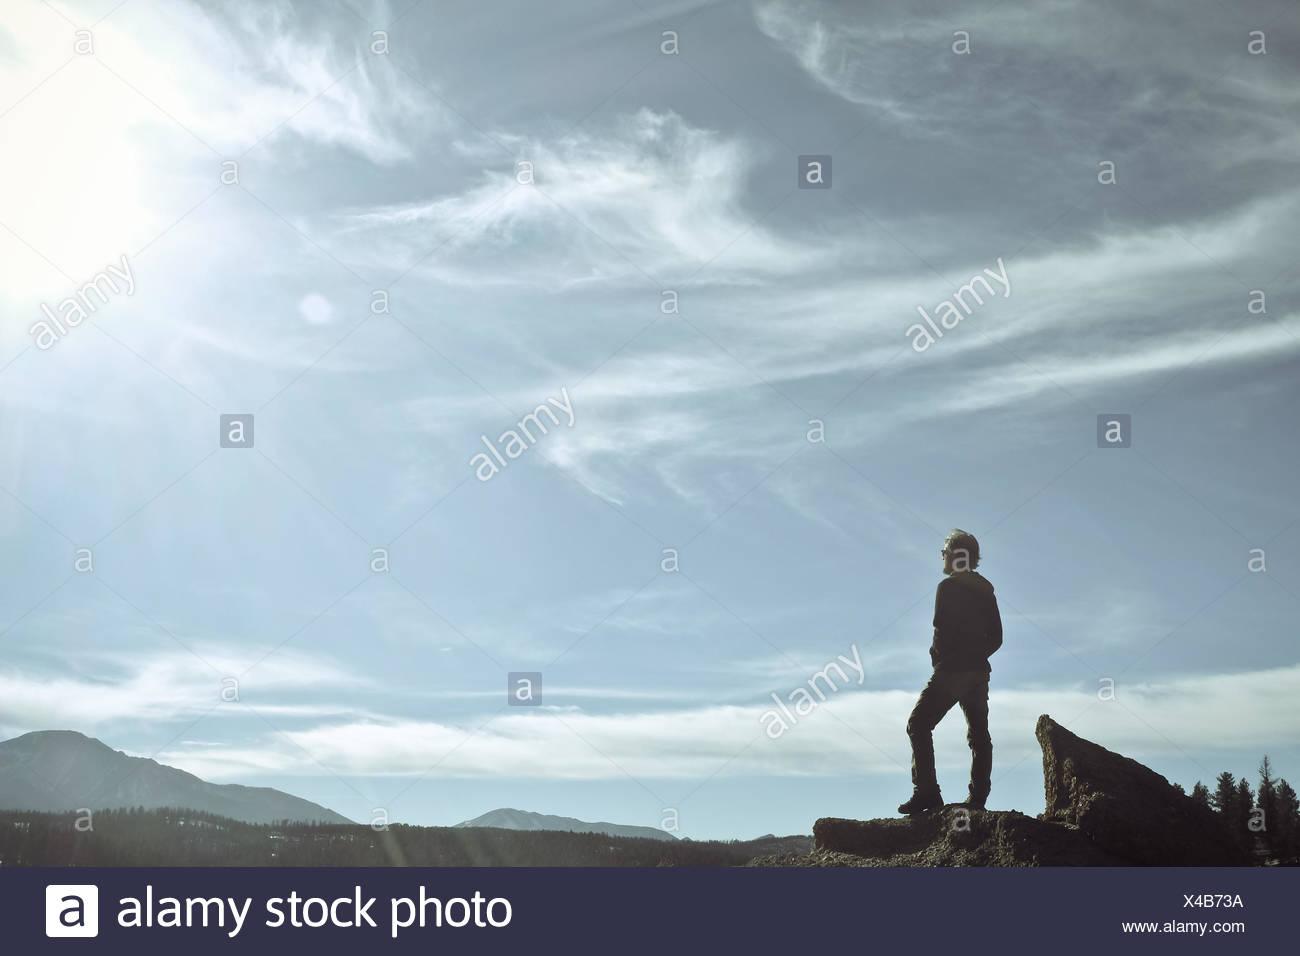 Man standing on Pikes Peak, Colorado, America, USA - Stock Image